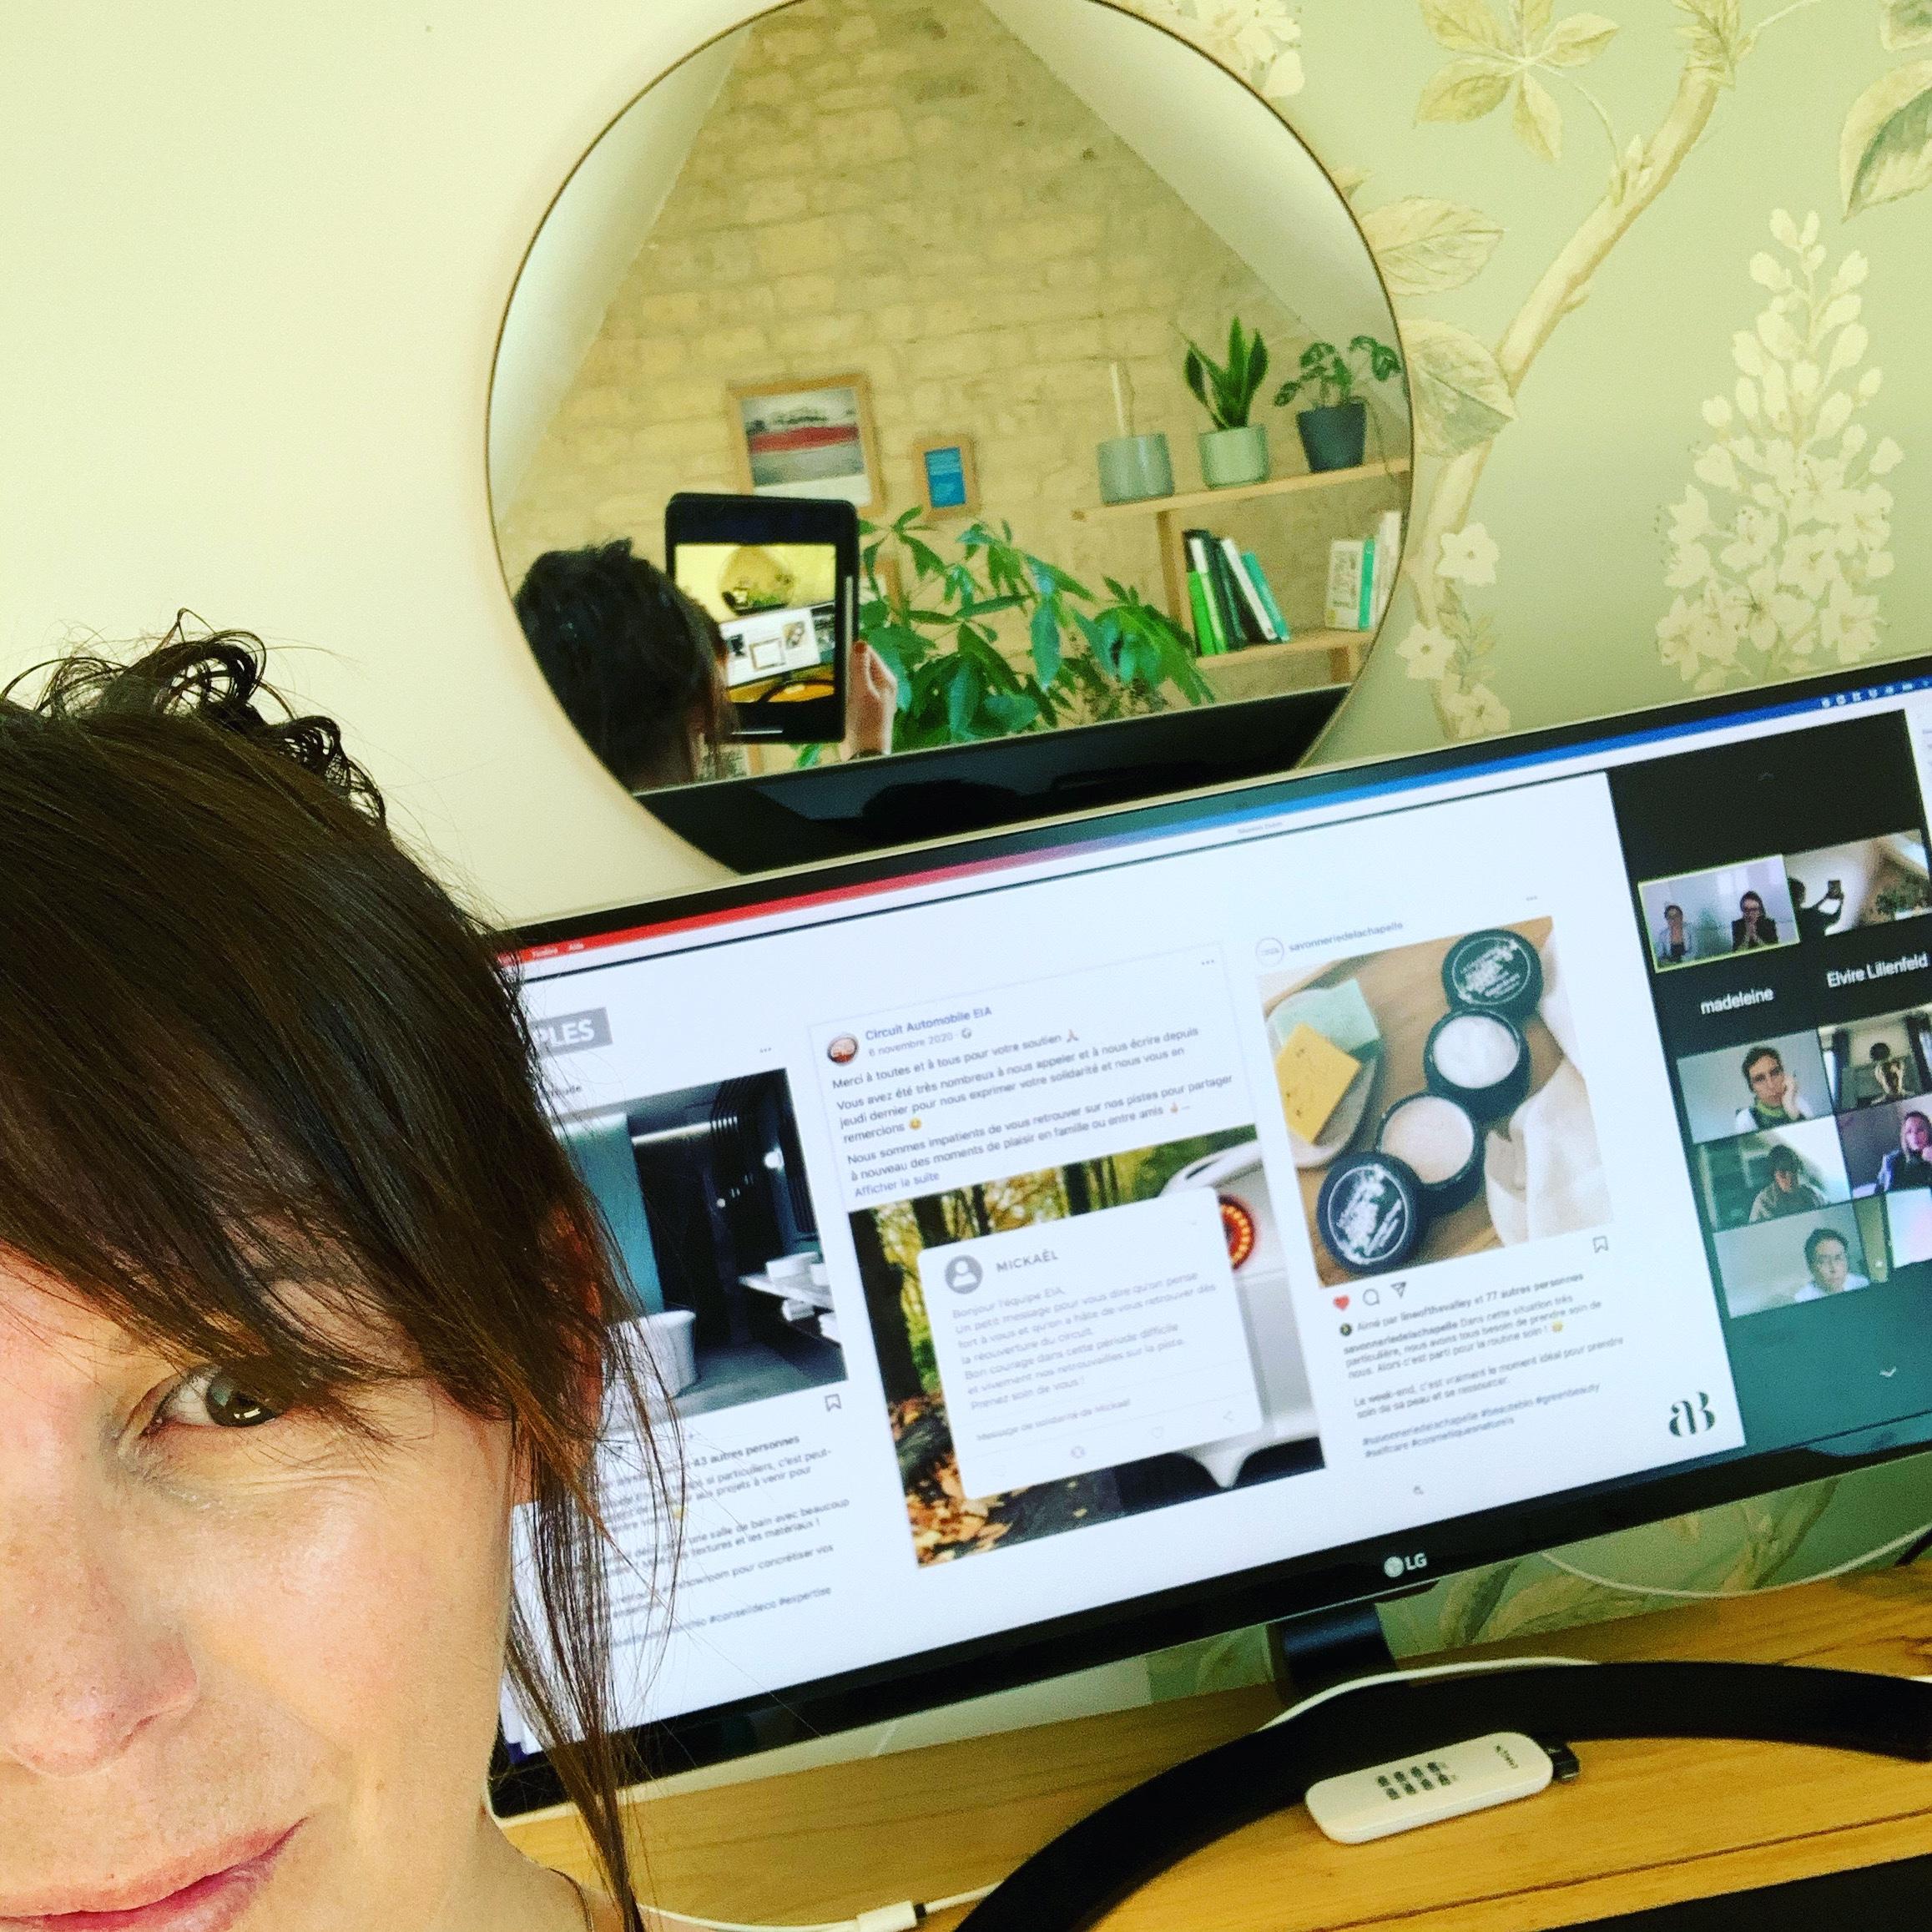 anne-lise-mommert-designer-graphiste-da-illustratrice-webdesign-caen-freelance